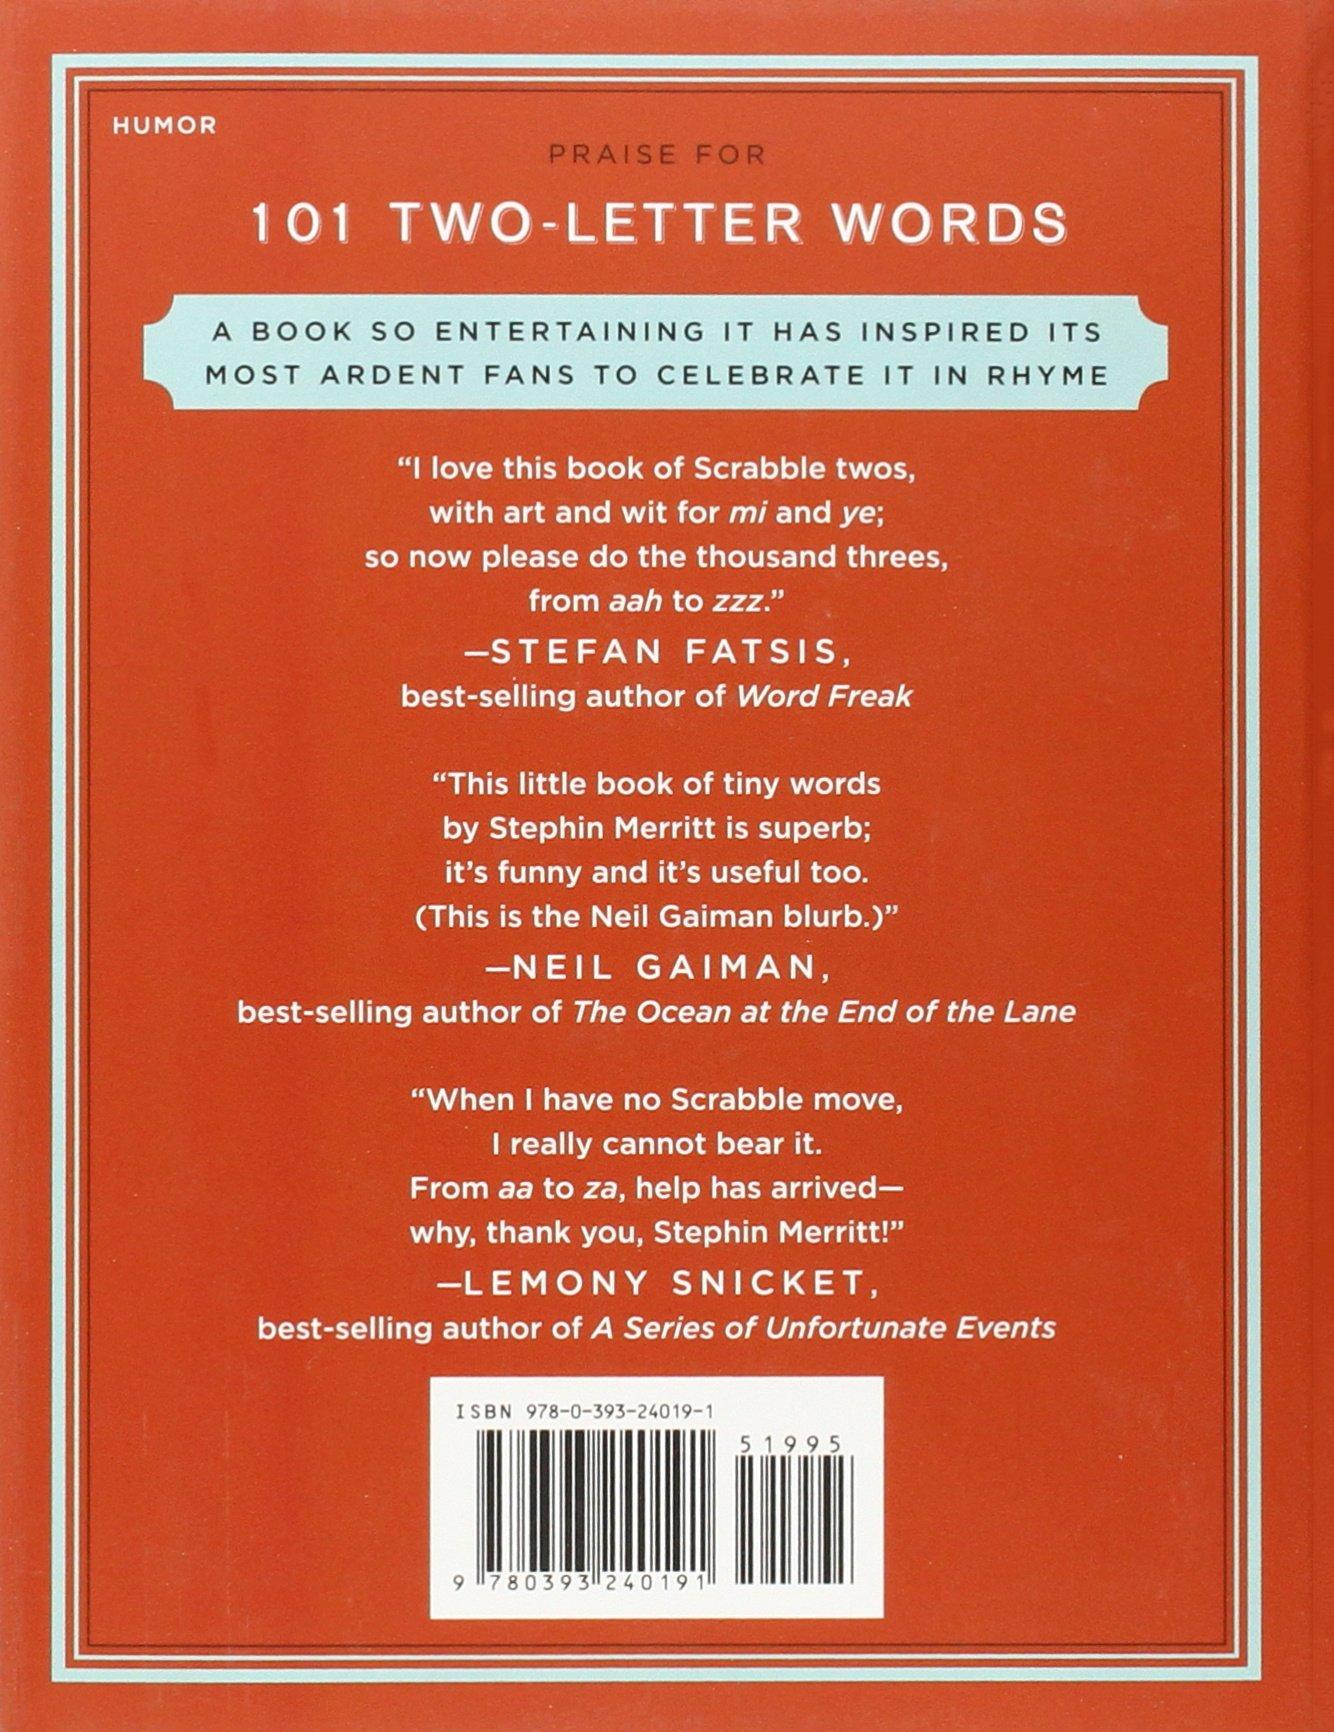 101 Two Letter Words Stephin Merritt Roz Chast 9780393240191